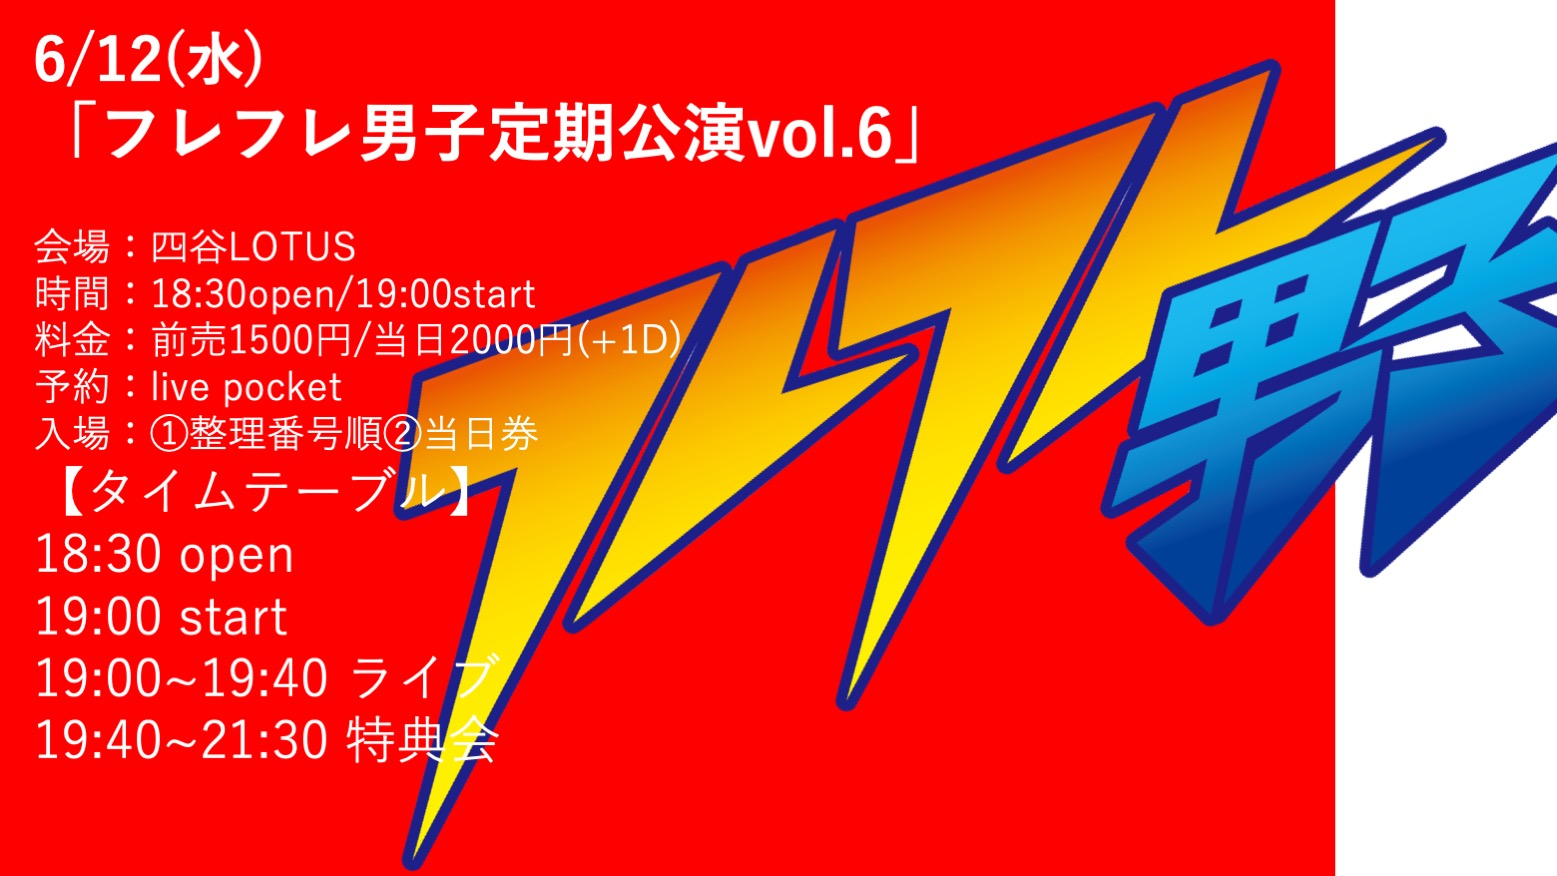 「フレフレ男子定期公演vol.6」